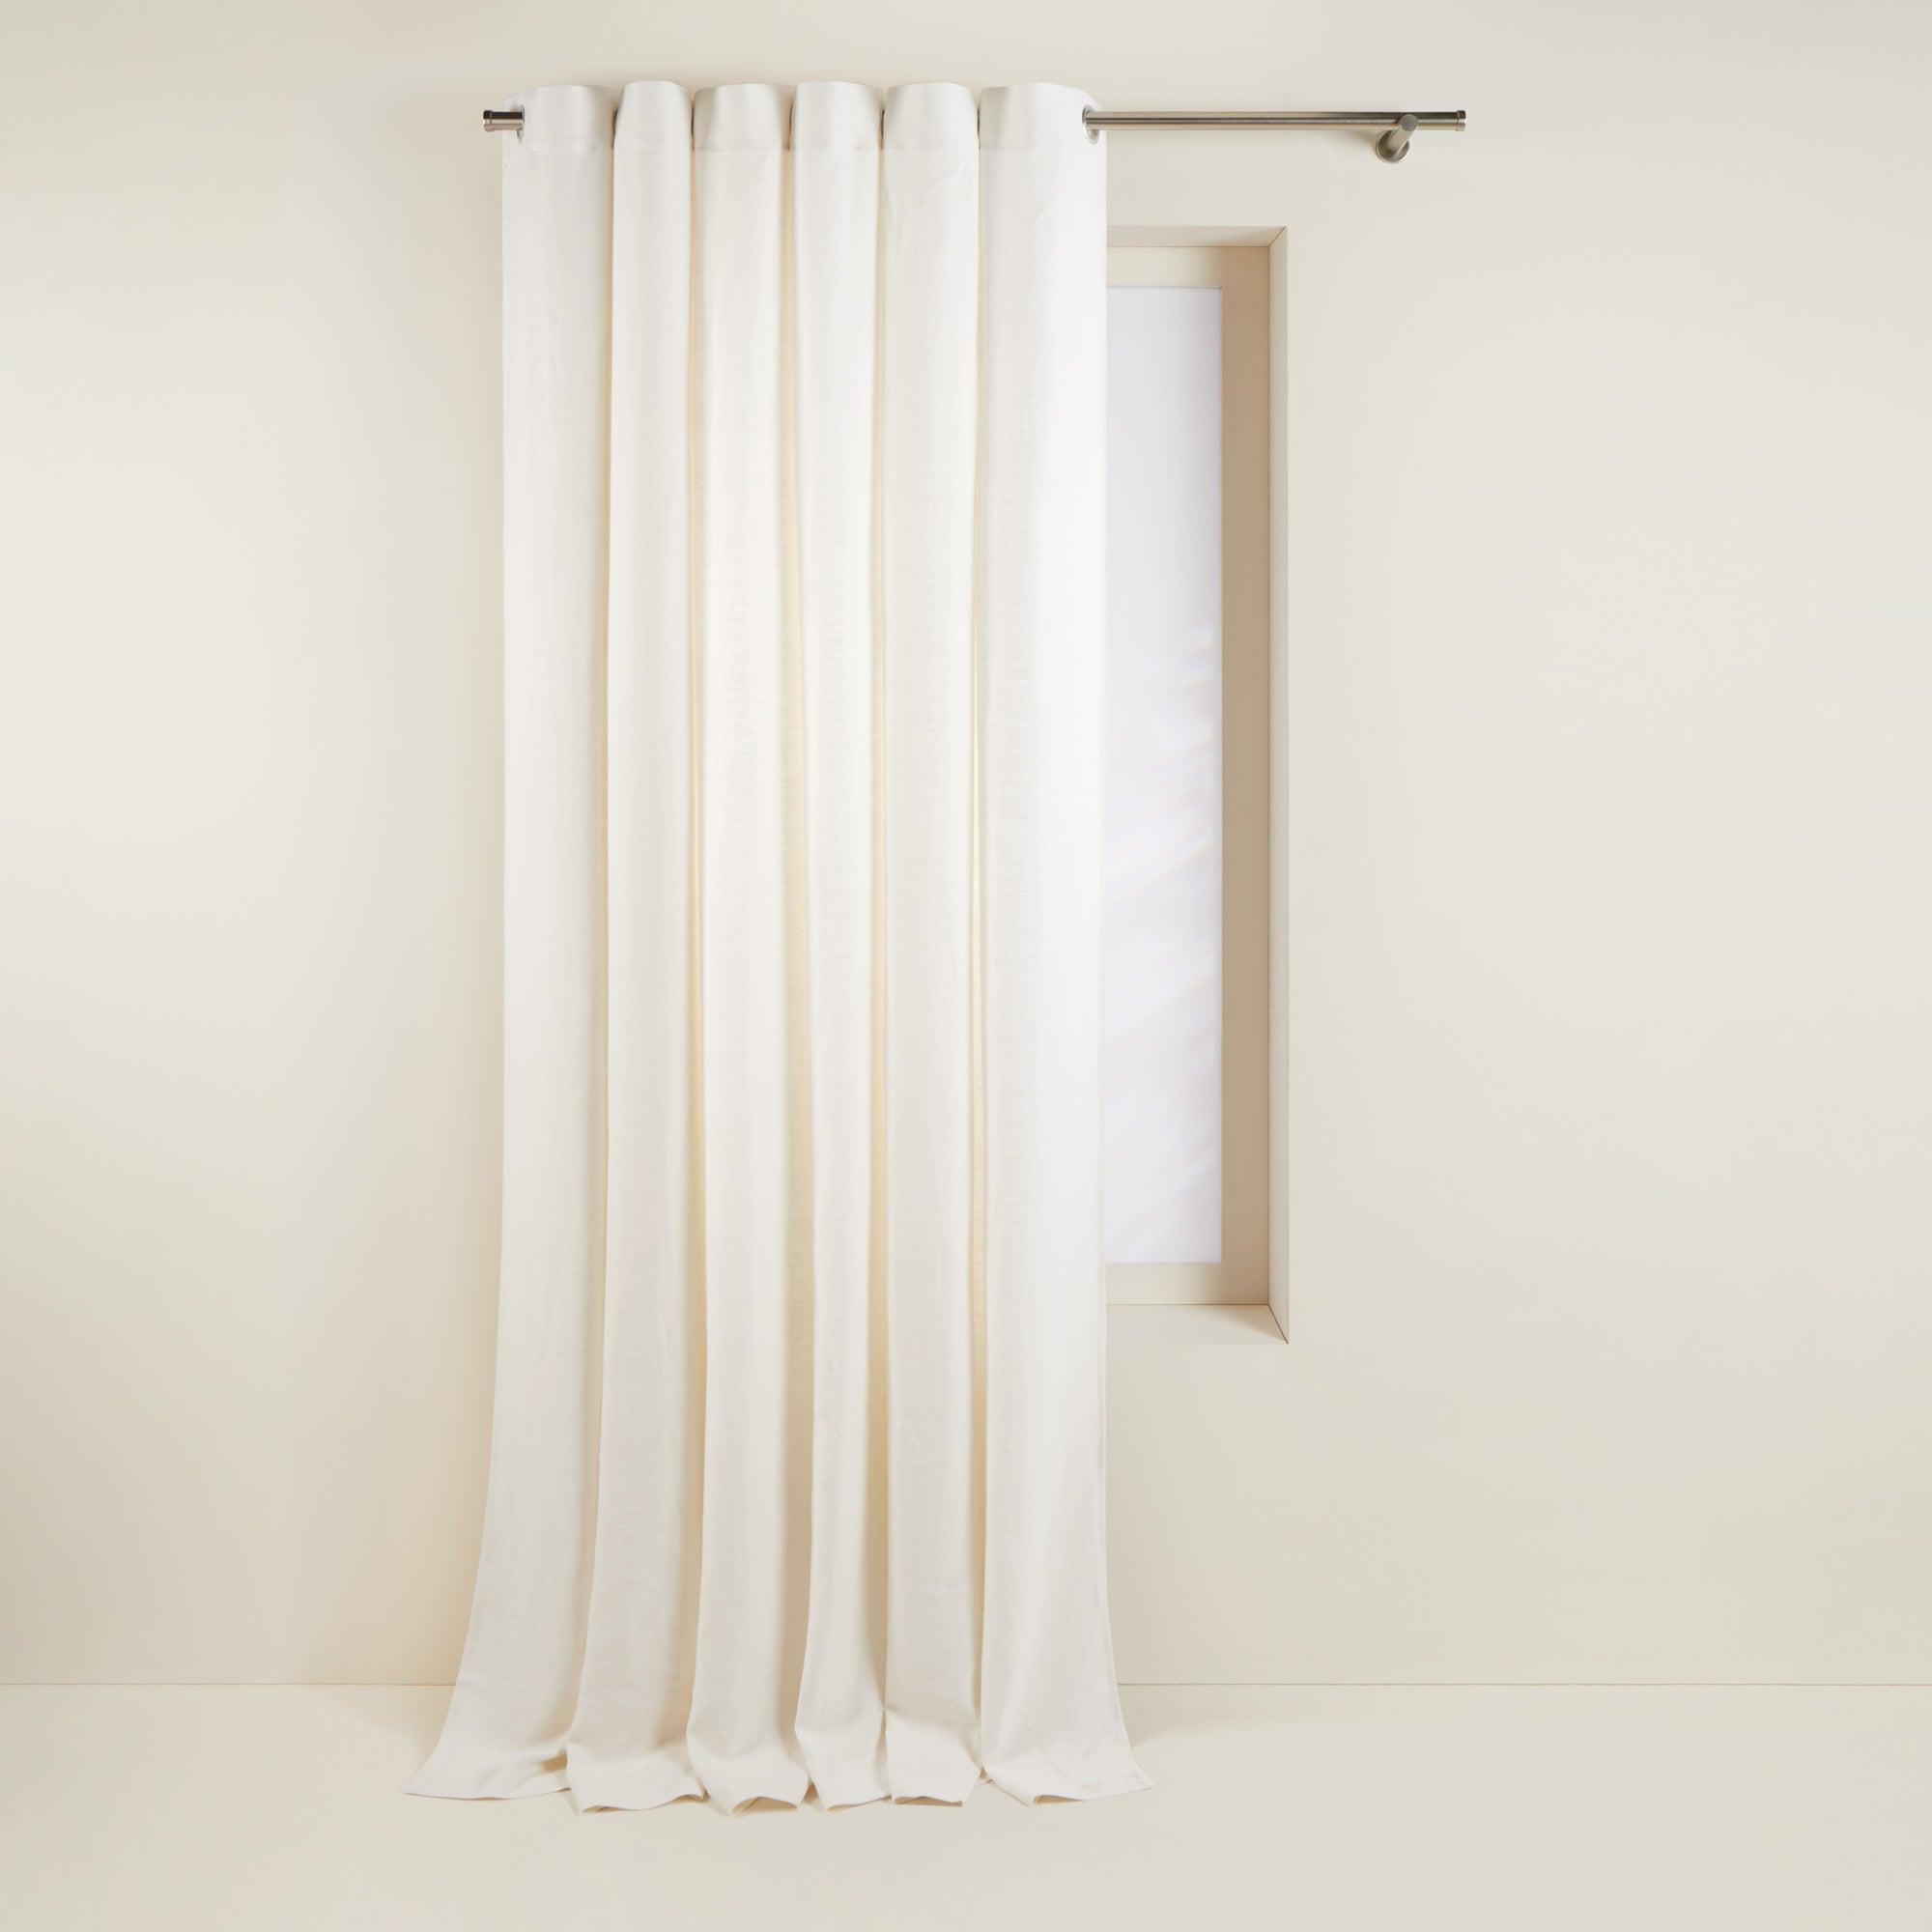 Rideau à oeillets 350x275 cm Blanc en Lin